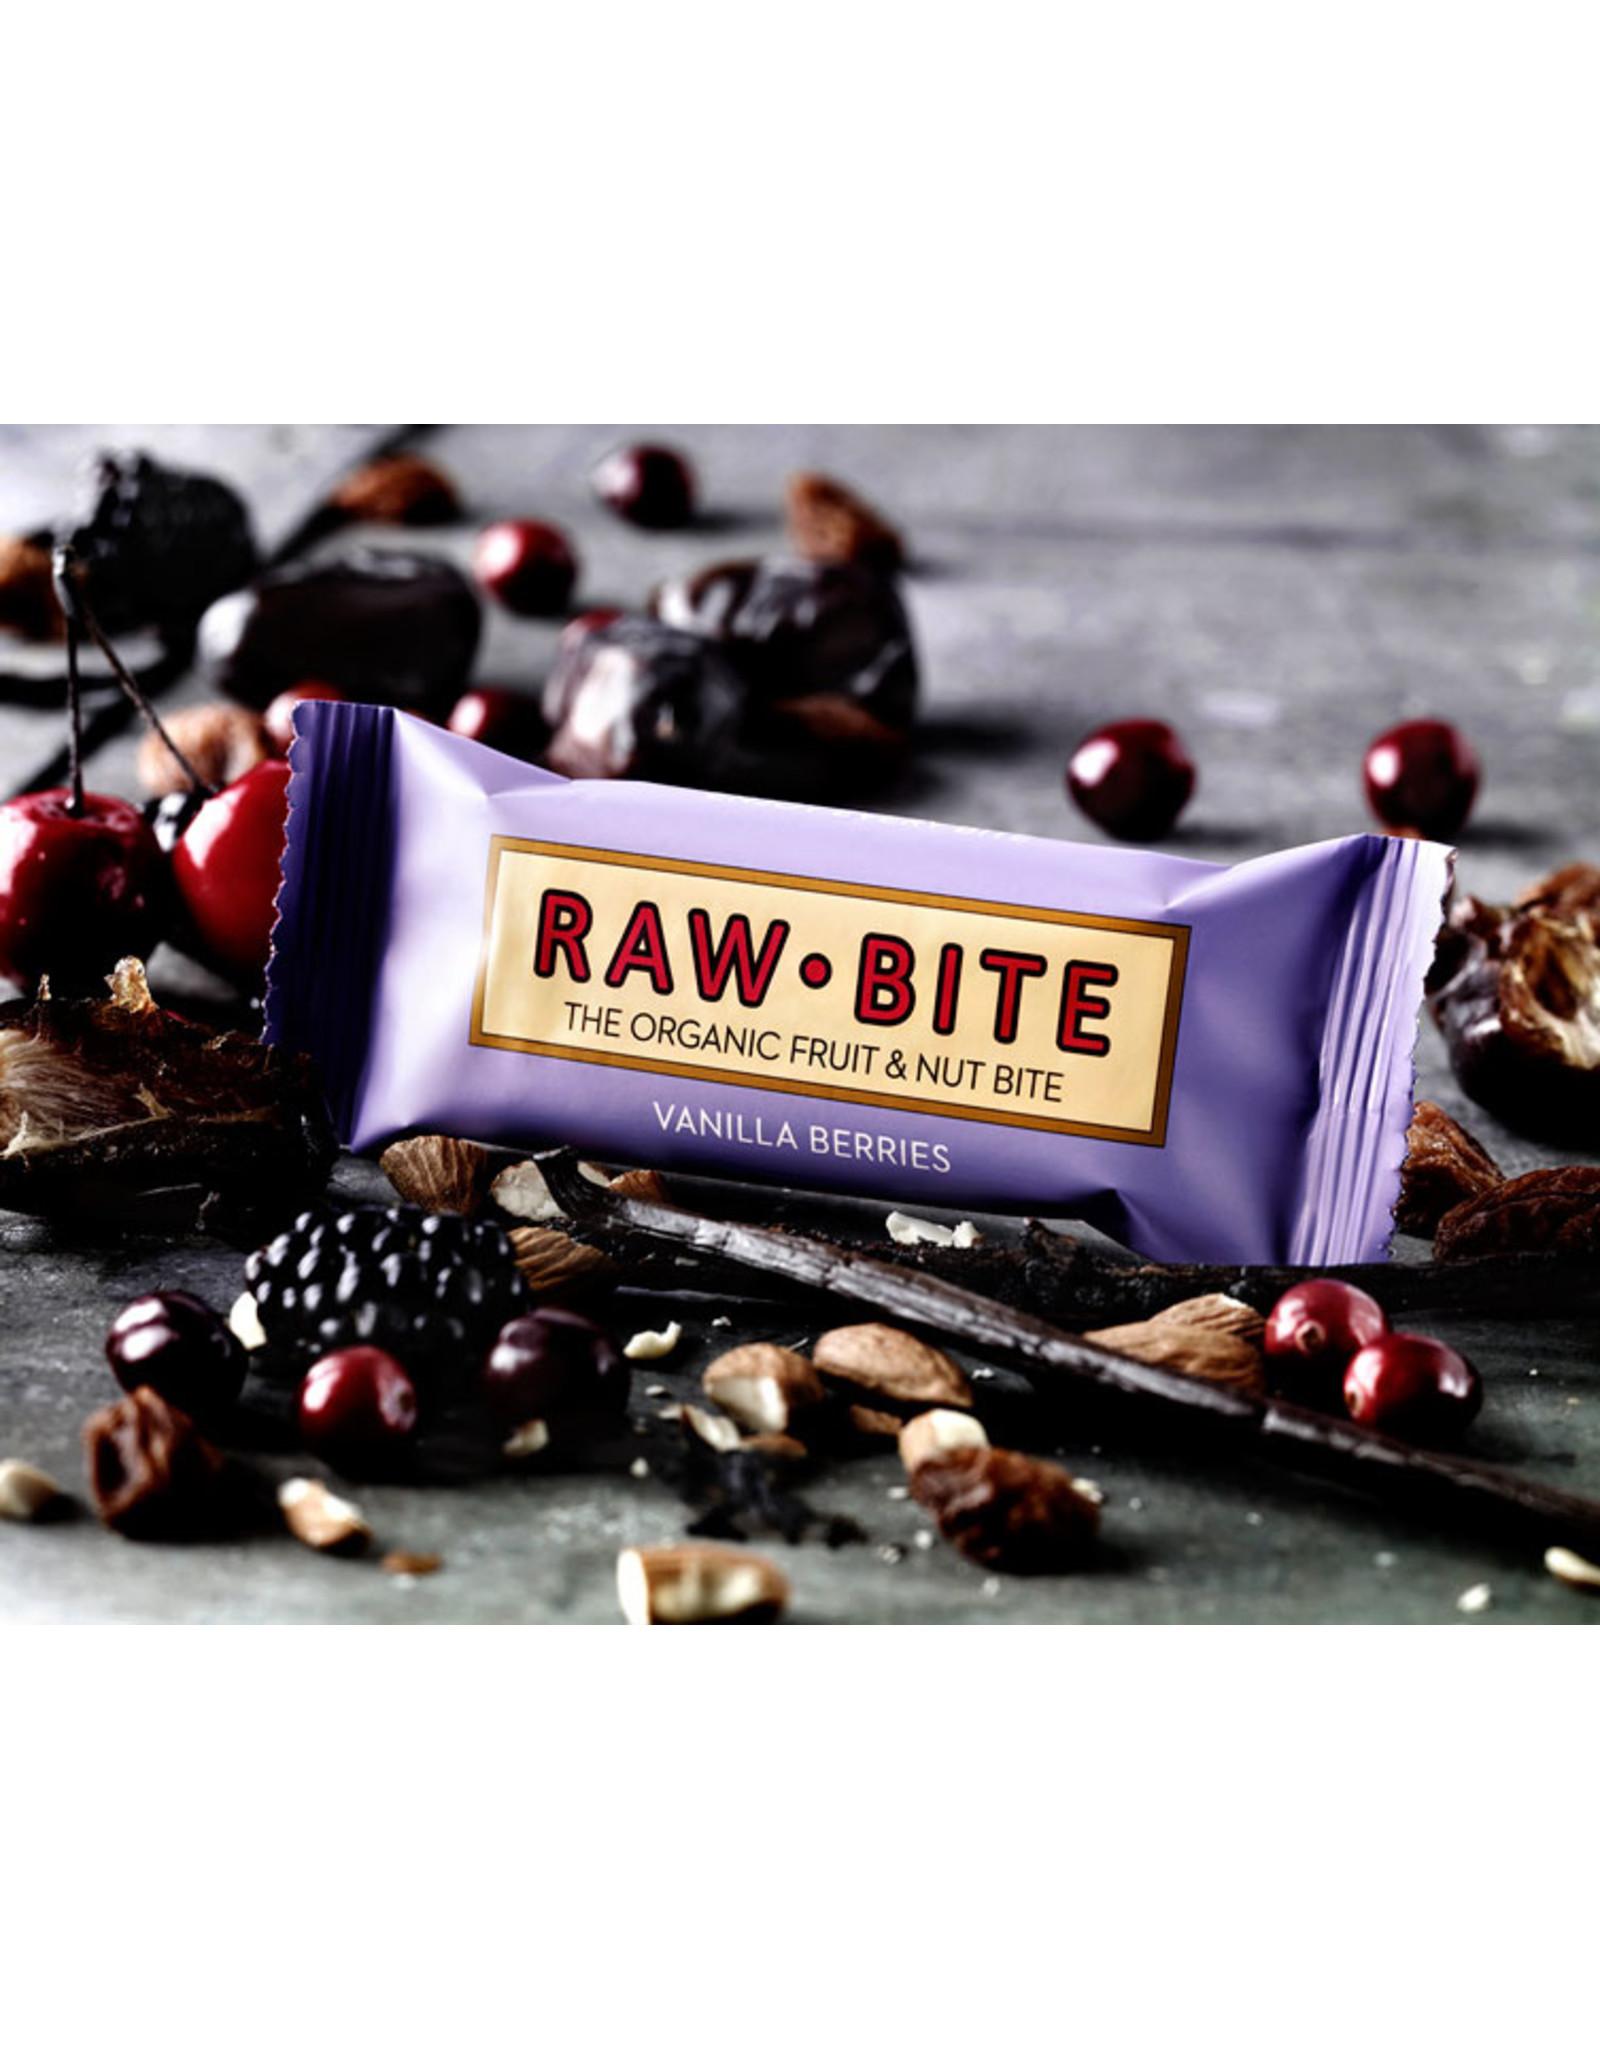 RAWBITE RAWBITE Vanilla Berries